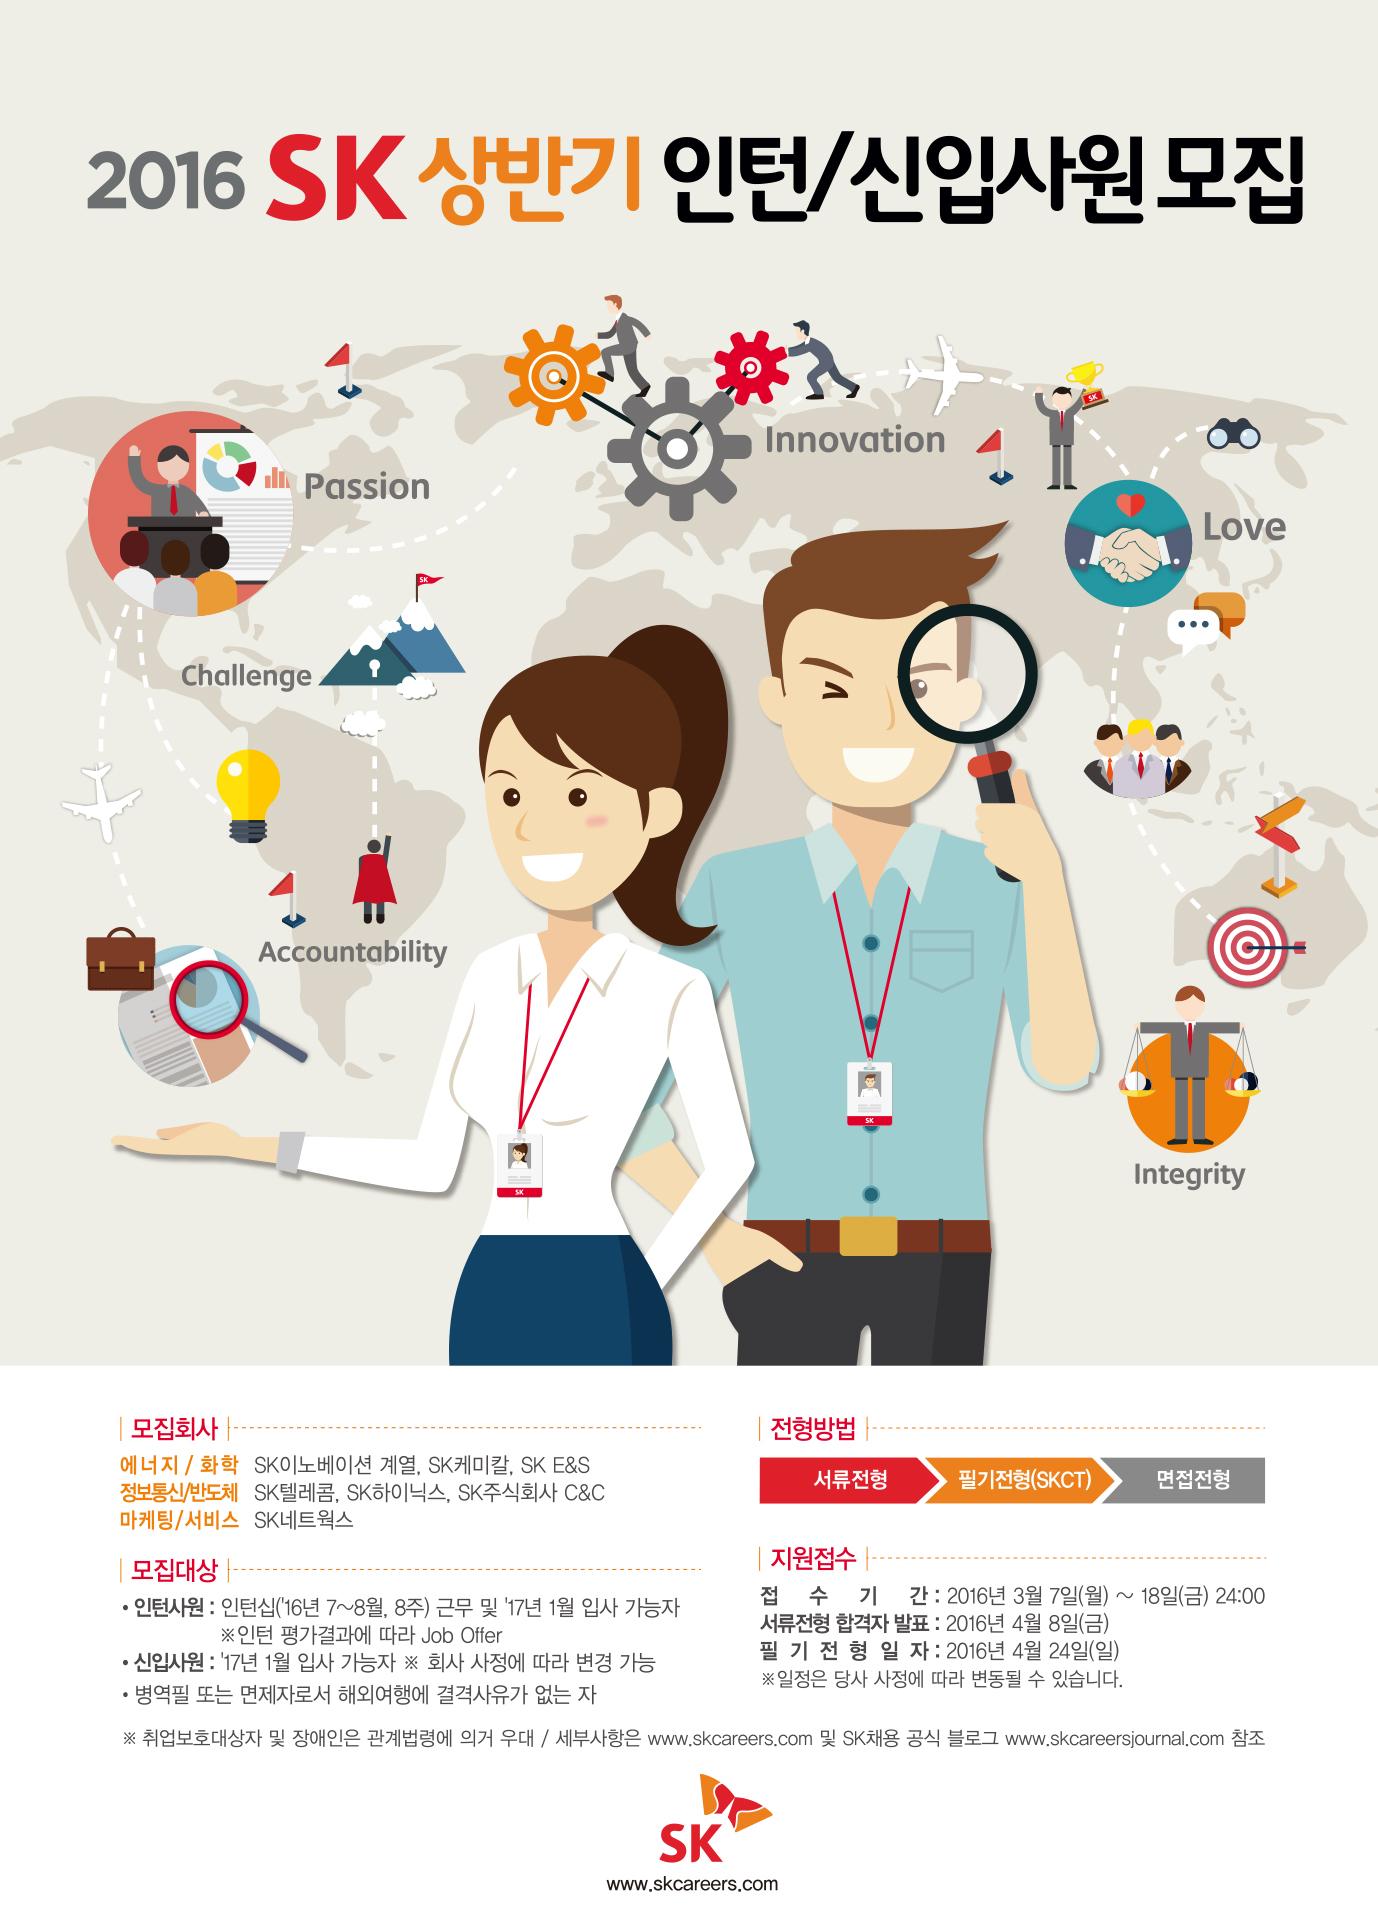 2016 SK 상반기 인턴-신입사원 모집 포스터.jpg